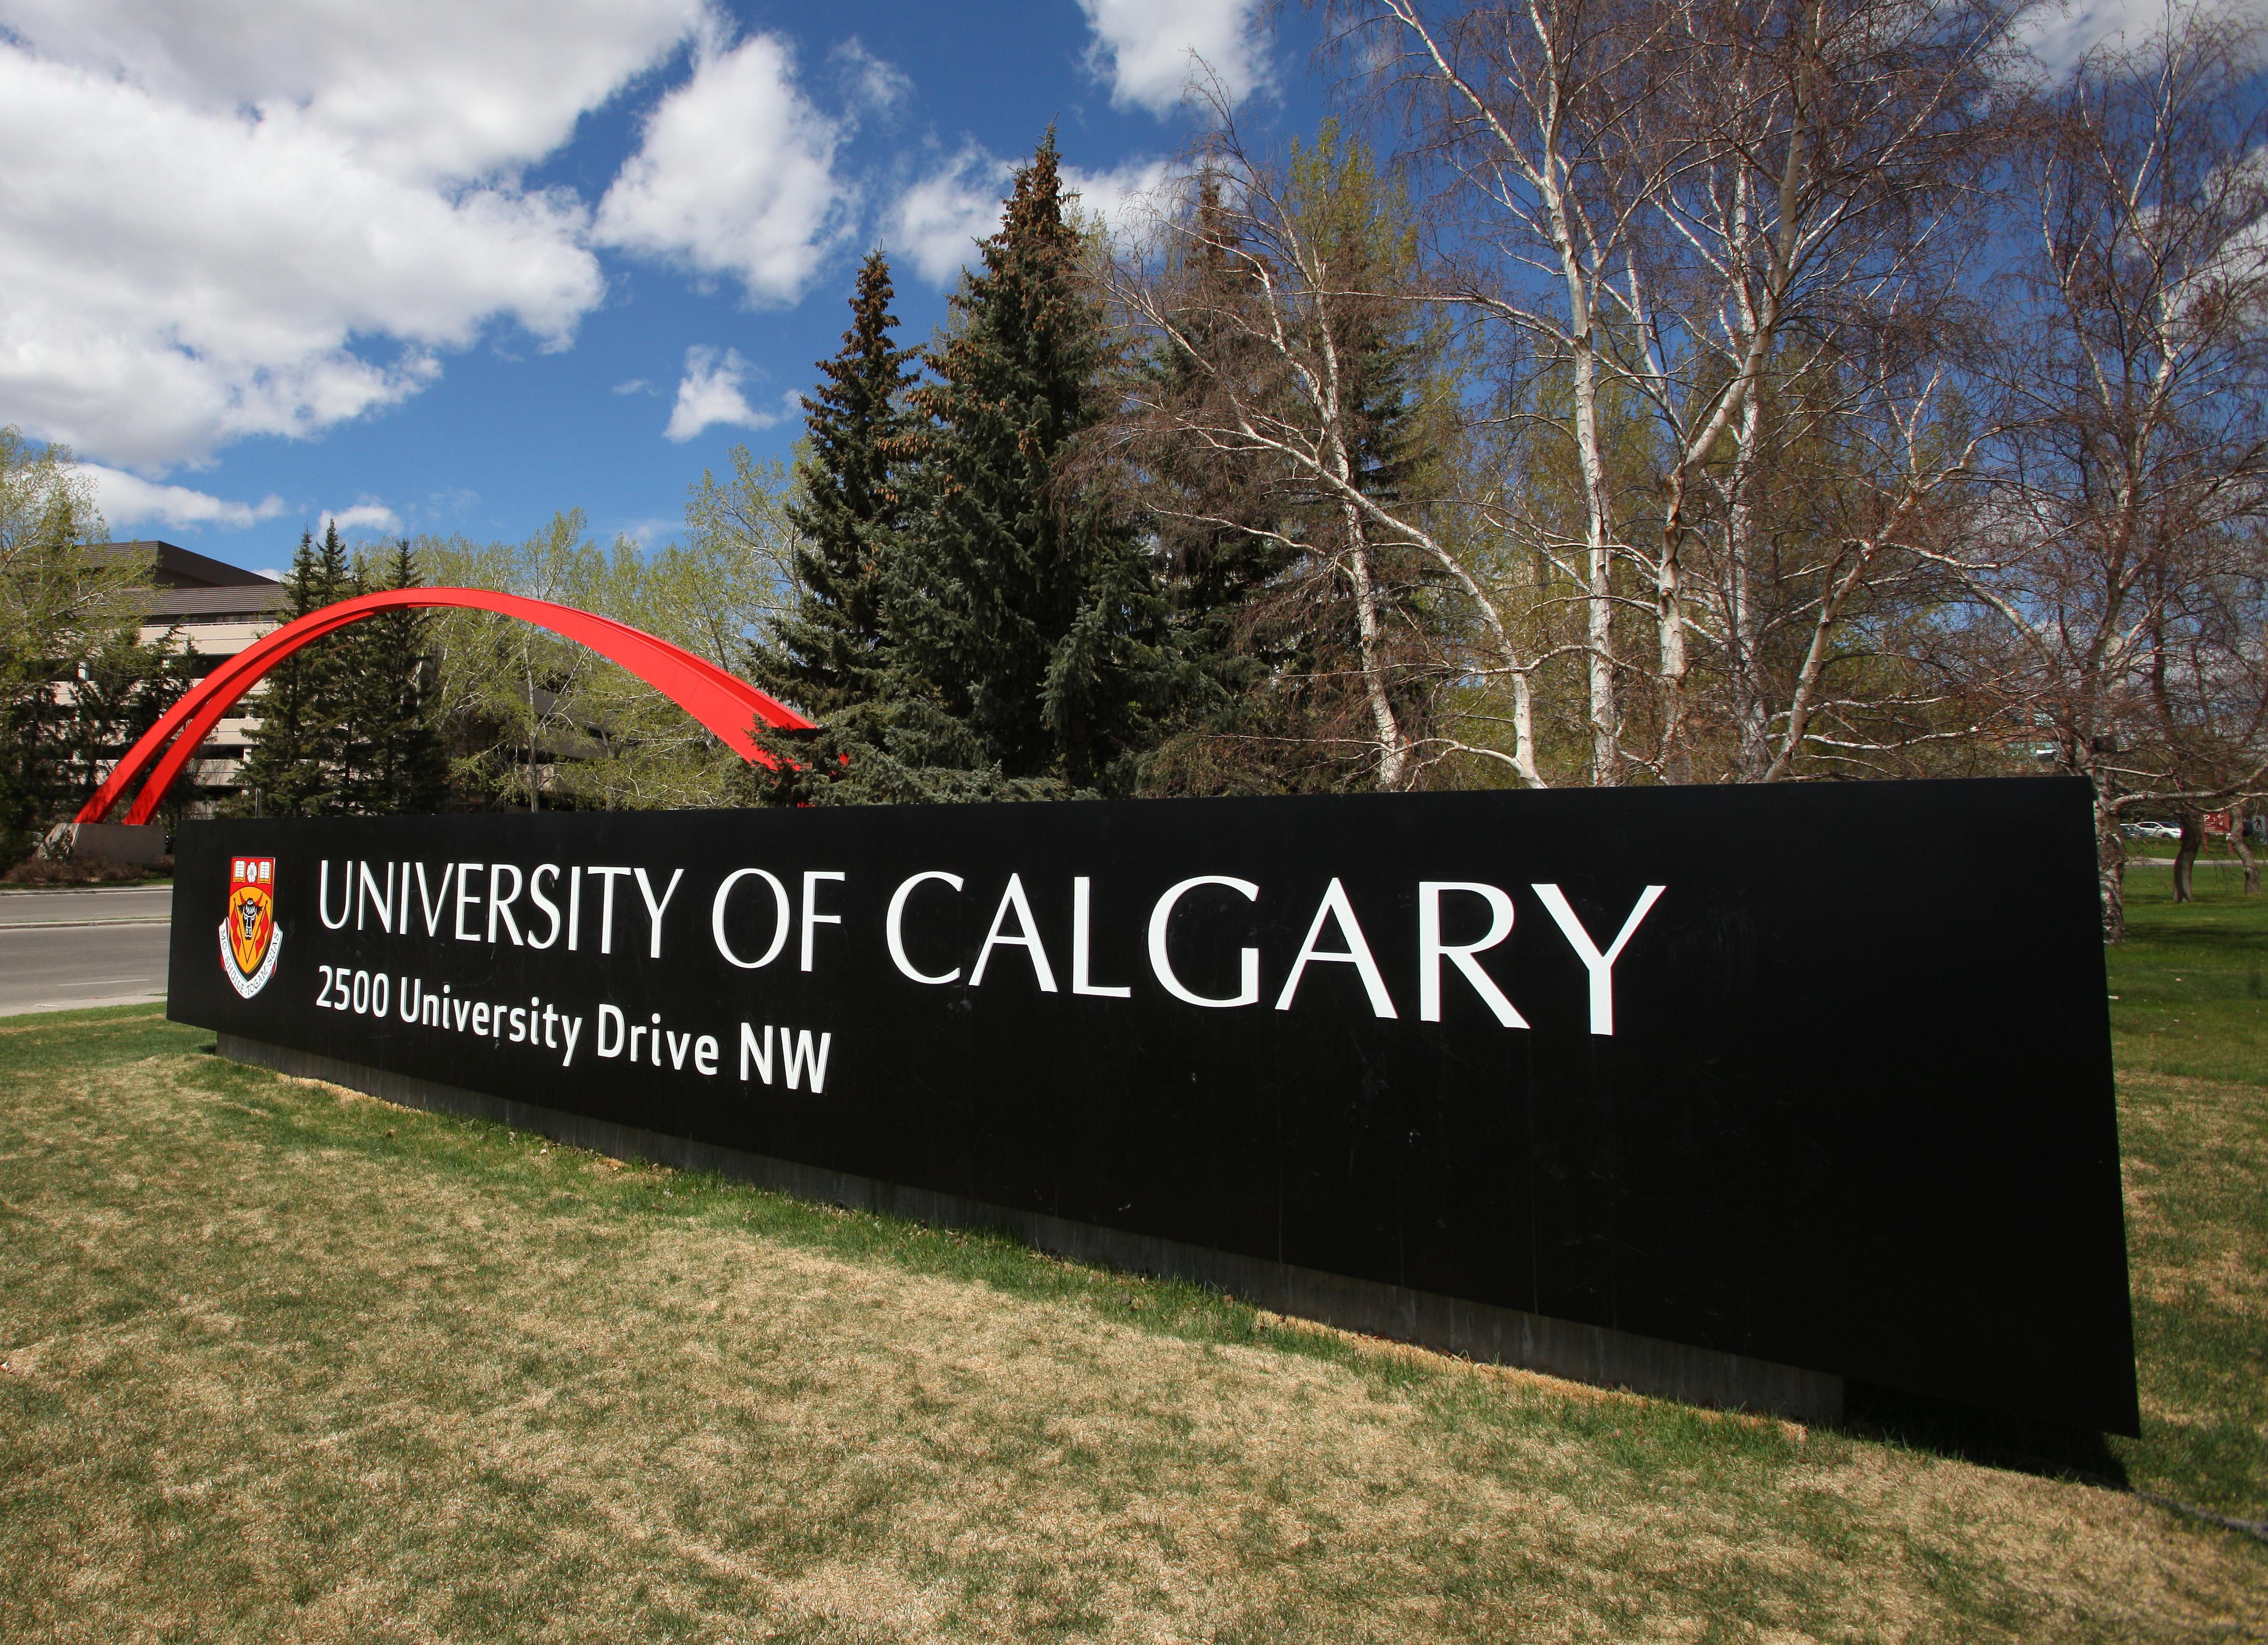 university-of-calgary.jpg